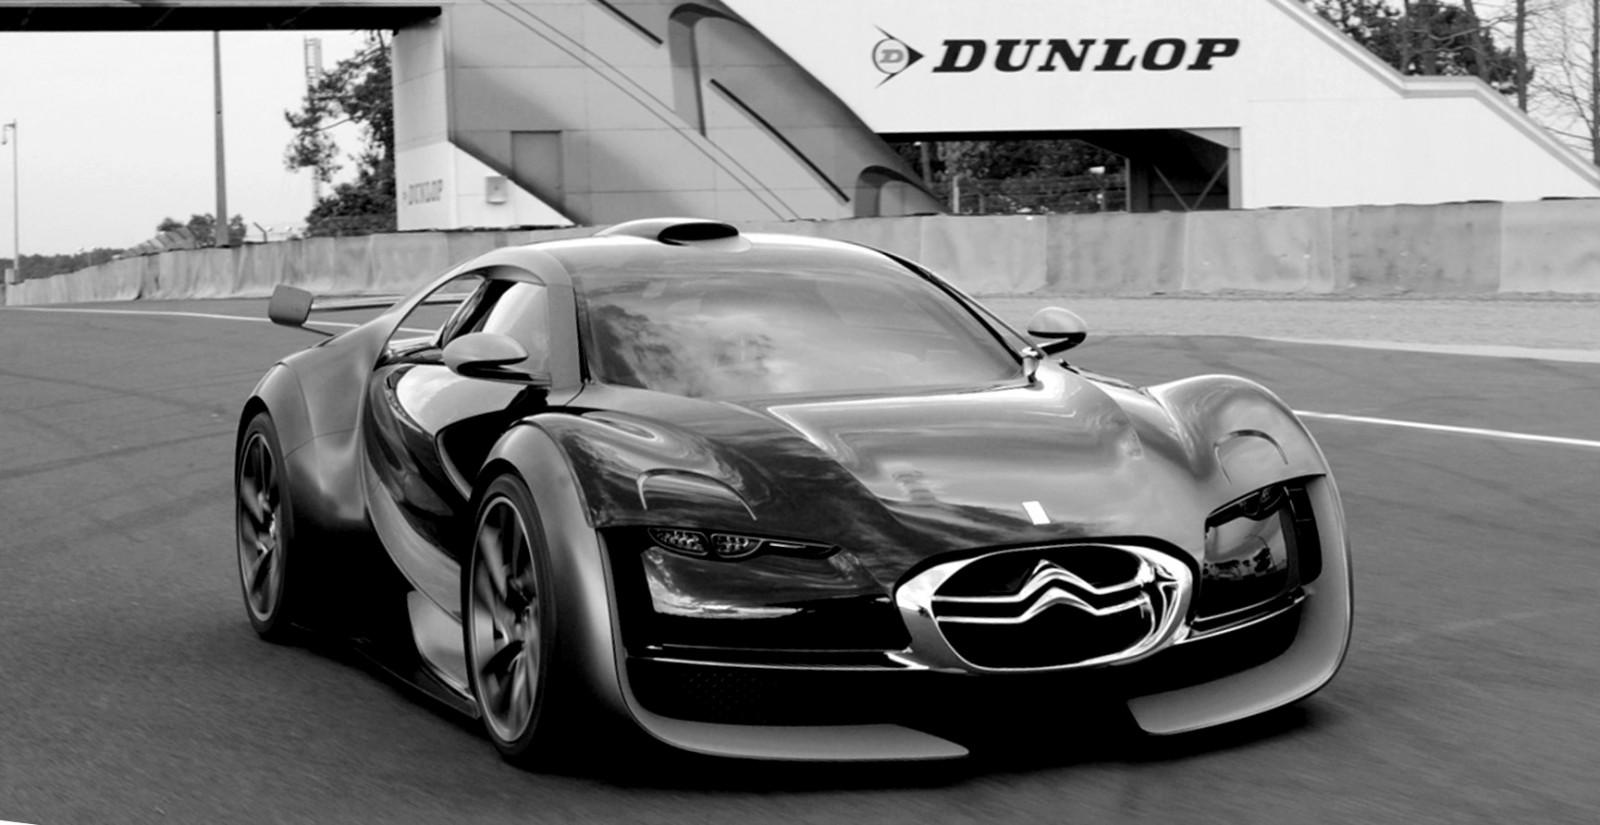 Concept Flashback - 2010 Citroen Survolt 18